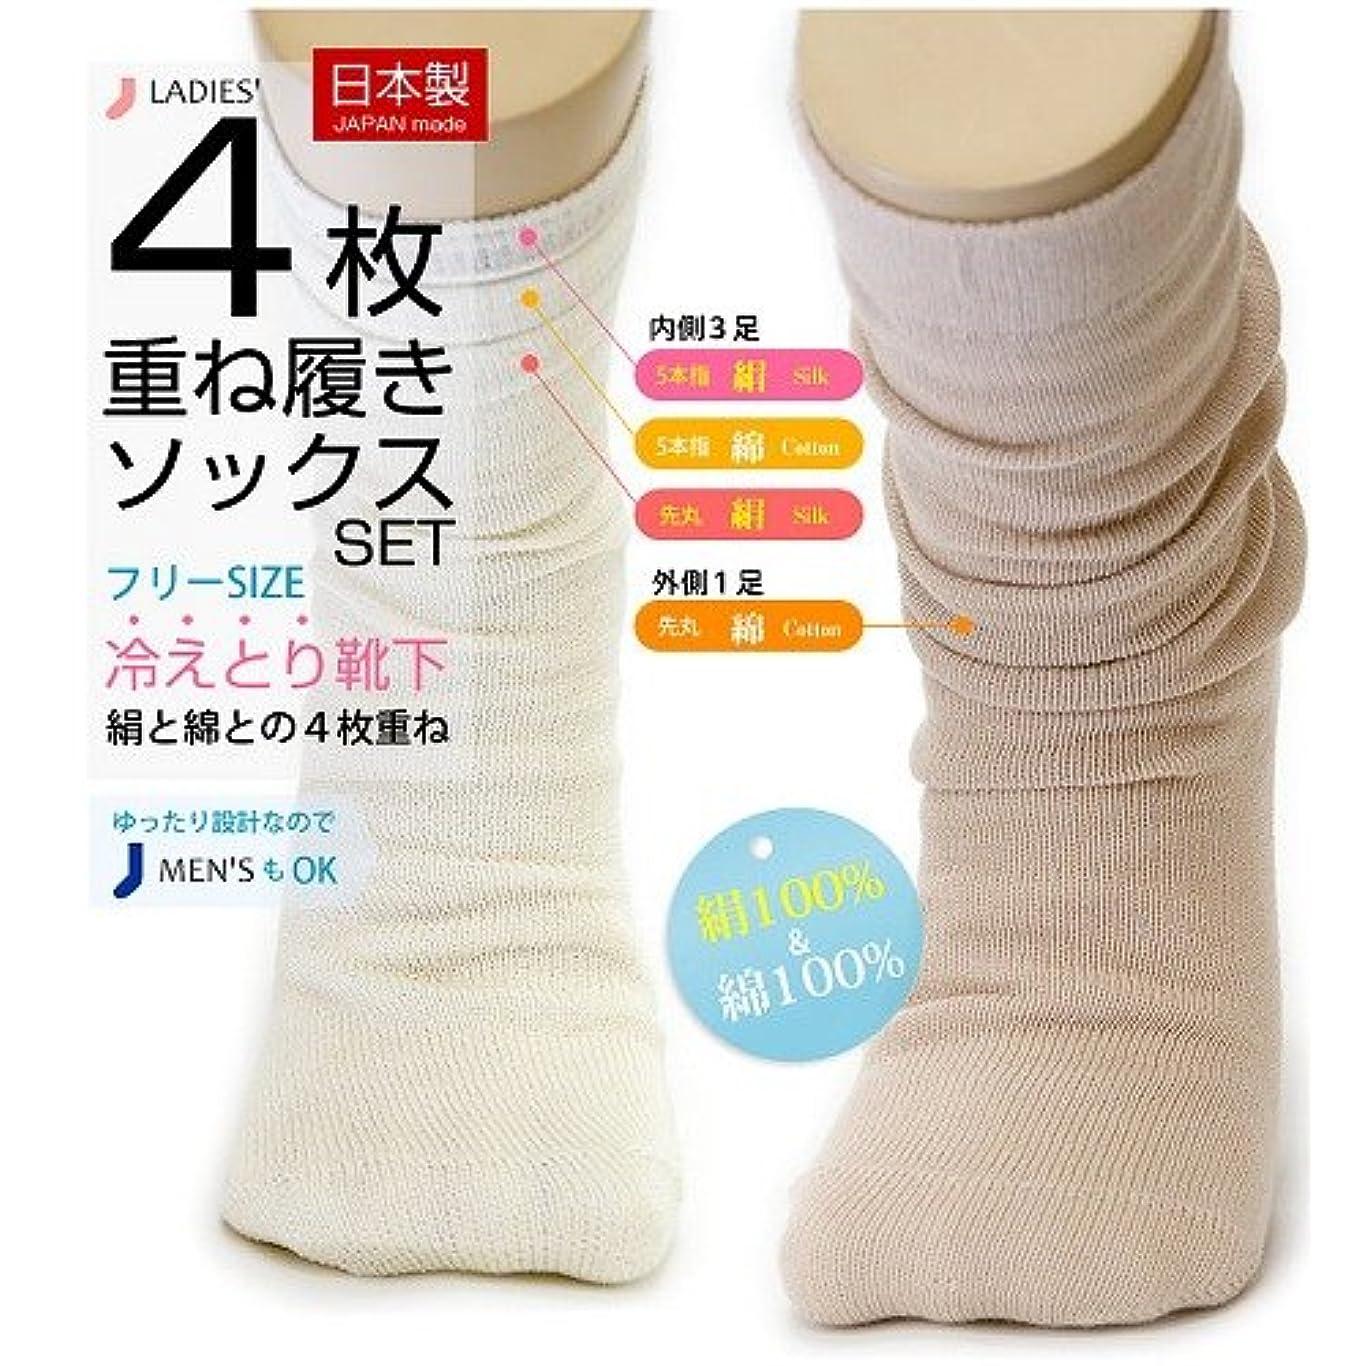 娯楽社説社説冷え取り靴下 綿100%とシルク100% 最高級の日本製 4枚重ねばきセット(外側ライトグレー)